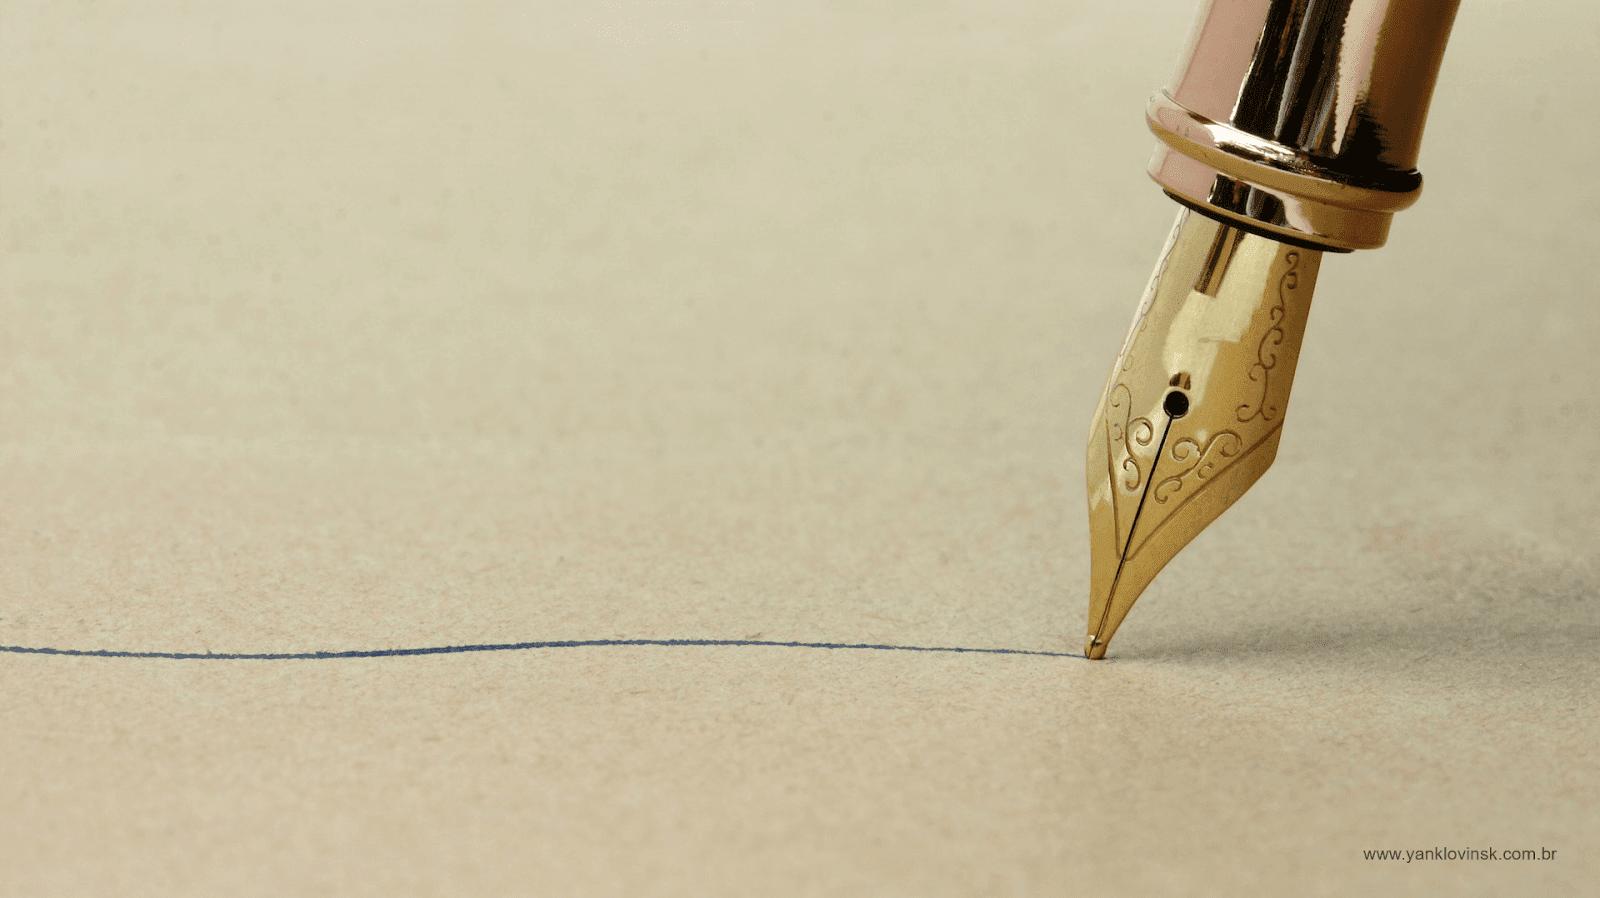 caneta escrevendo